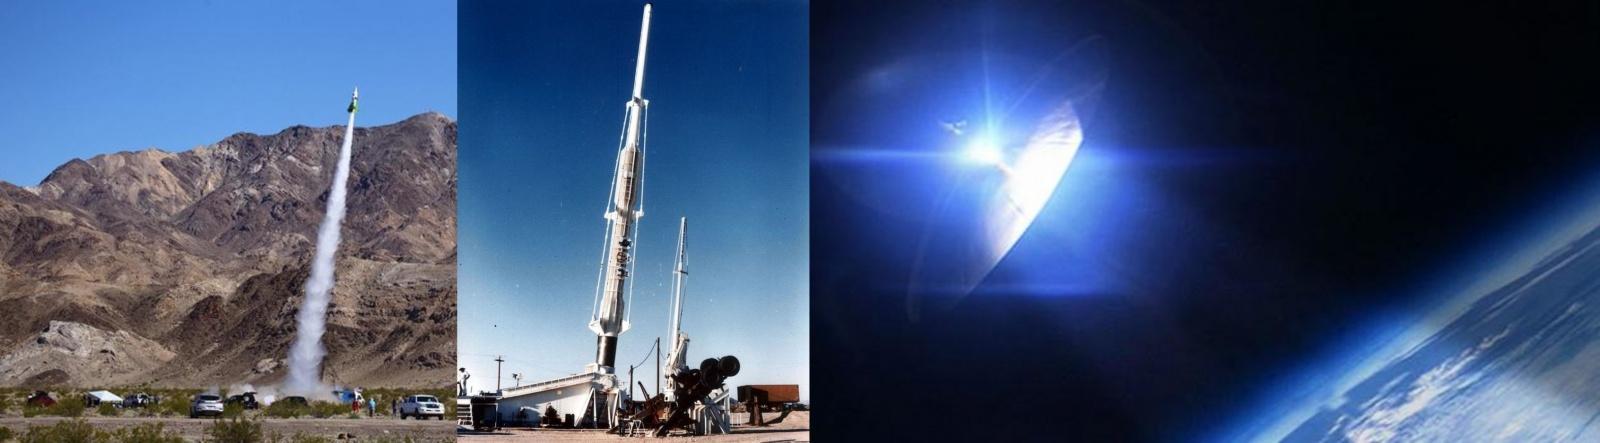 Космическая пушка, паровая ракета и орбитальное зеркало - 1